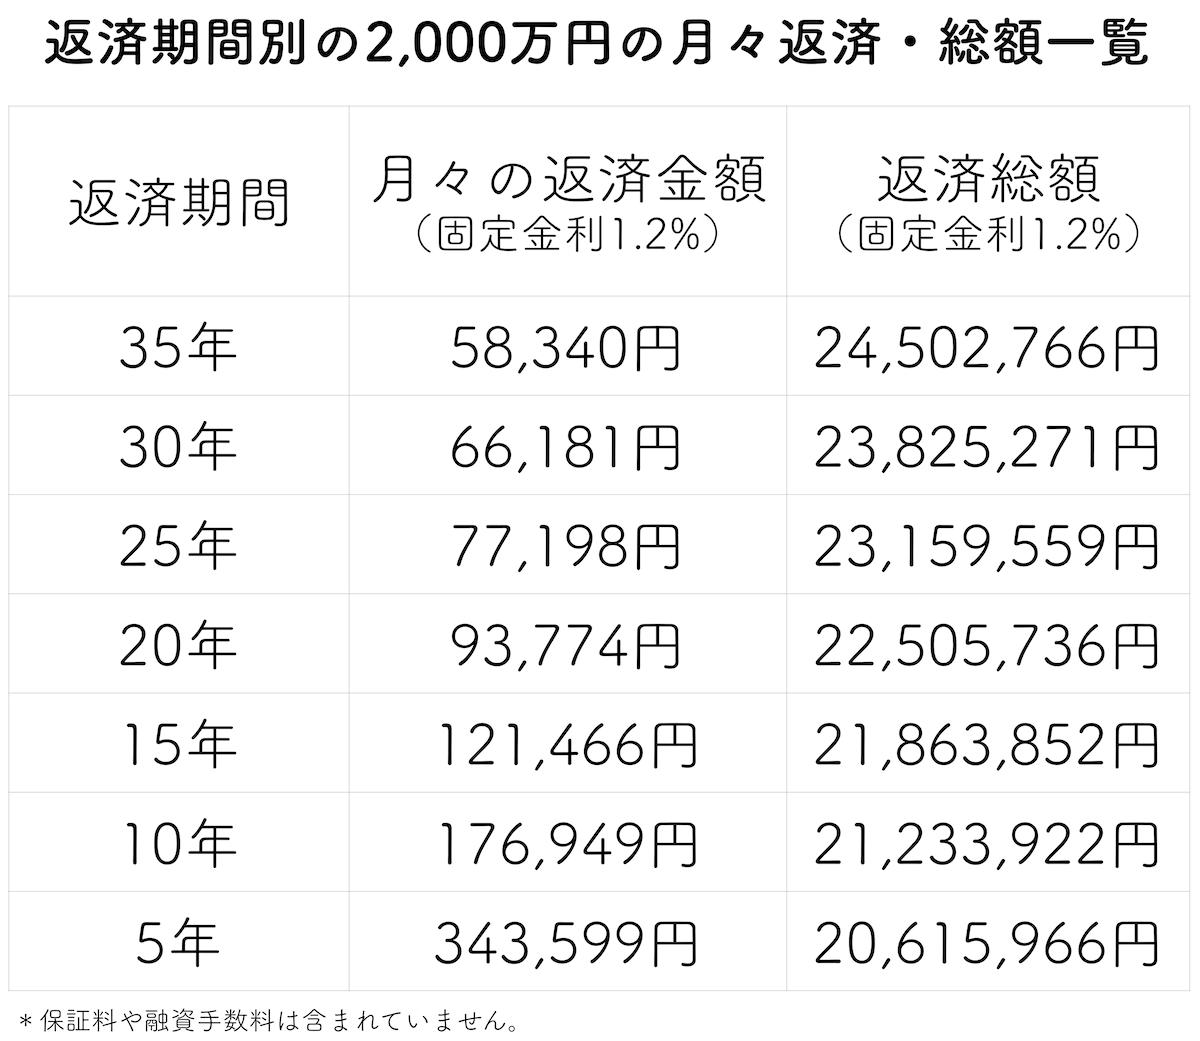 借入年数別の住宅ローン2000万円の返済金額